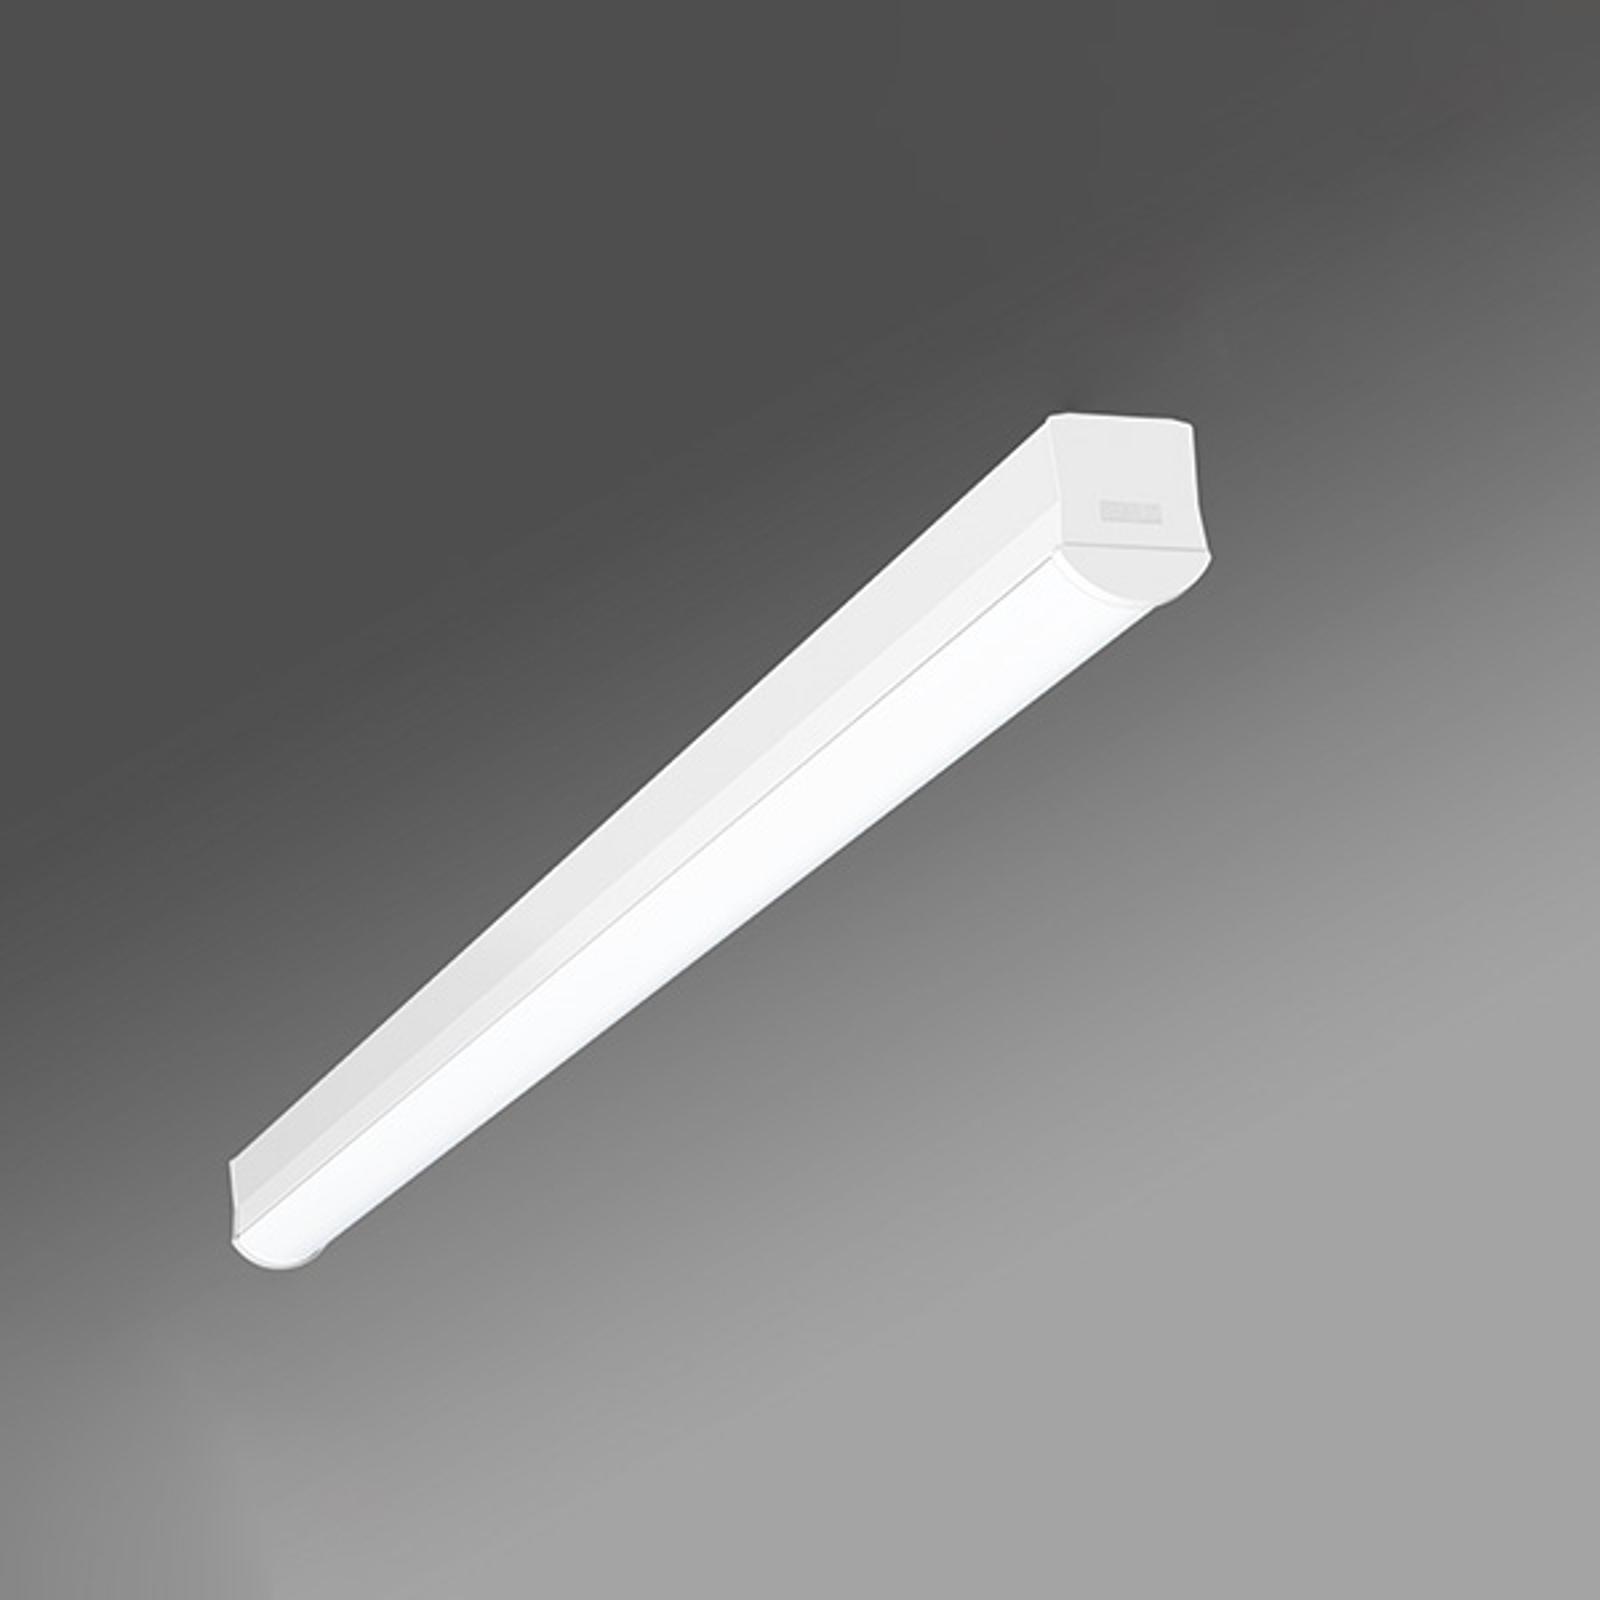 Pitkä LED-kattovalaisin Ilia-ILG/1200 3 000 K